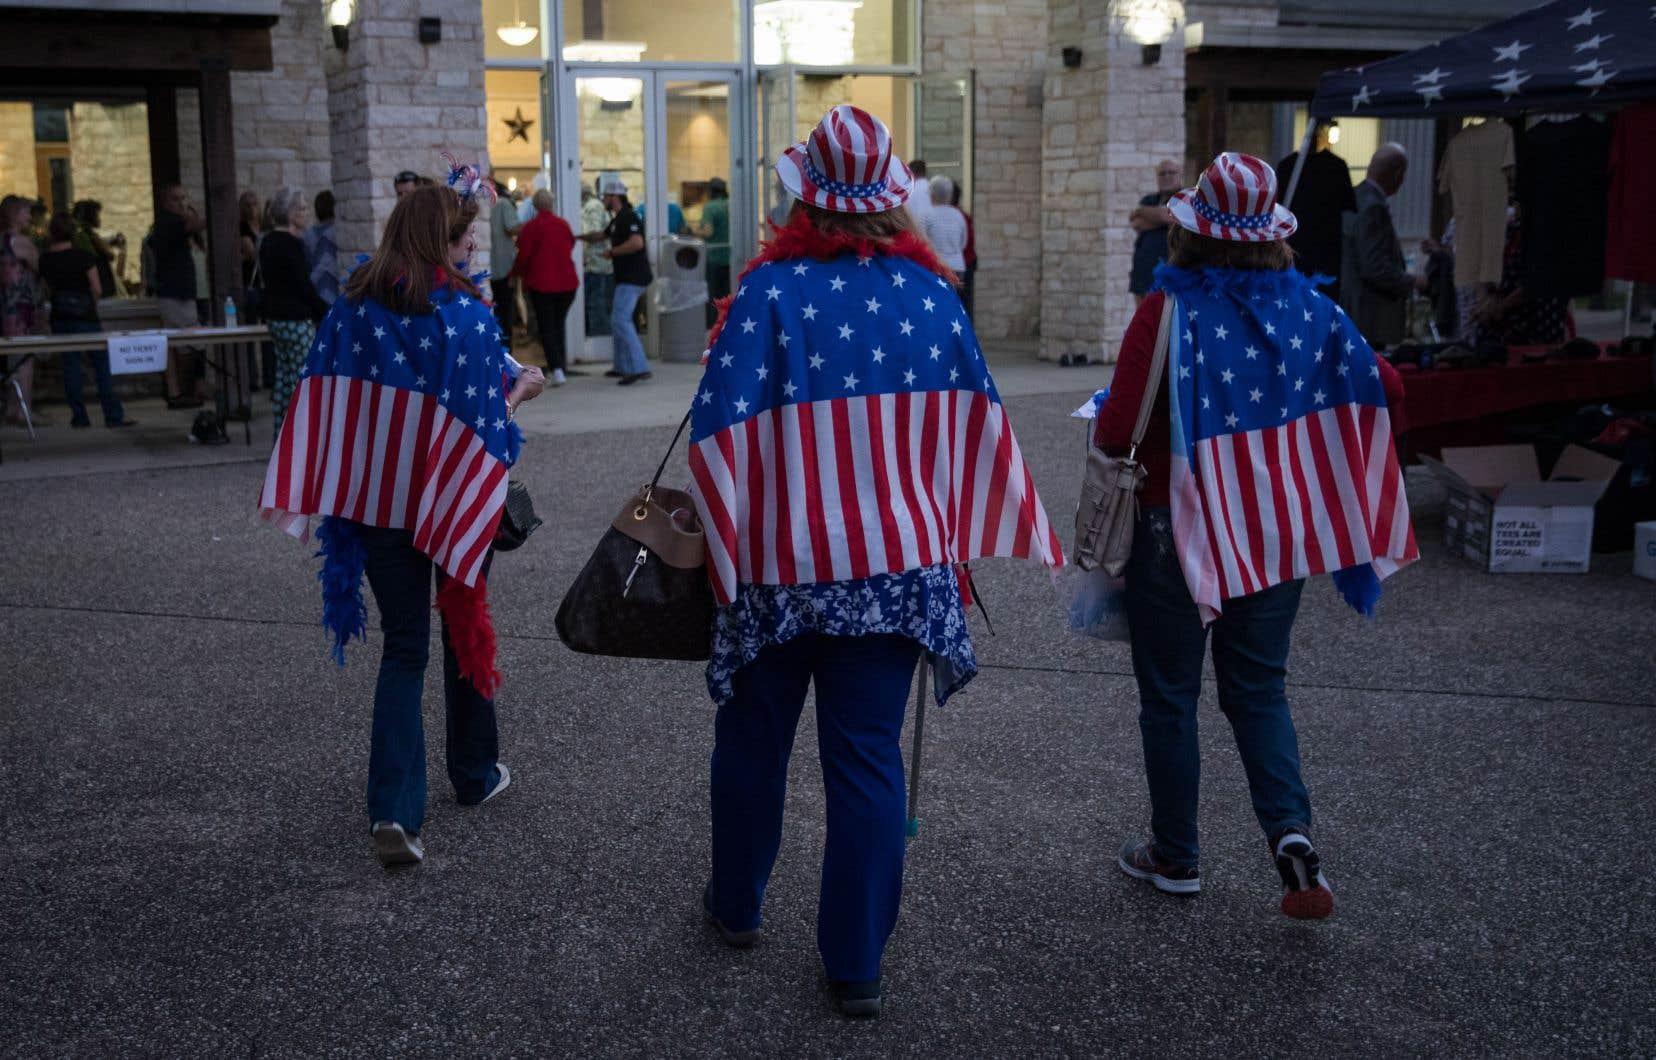 Les électeurs texans semblent très mobilisés, le taux de participation au scrutin par anticipation atteignant un sommet historique.